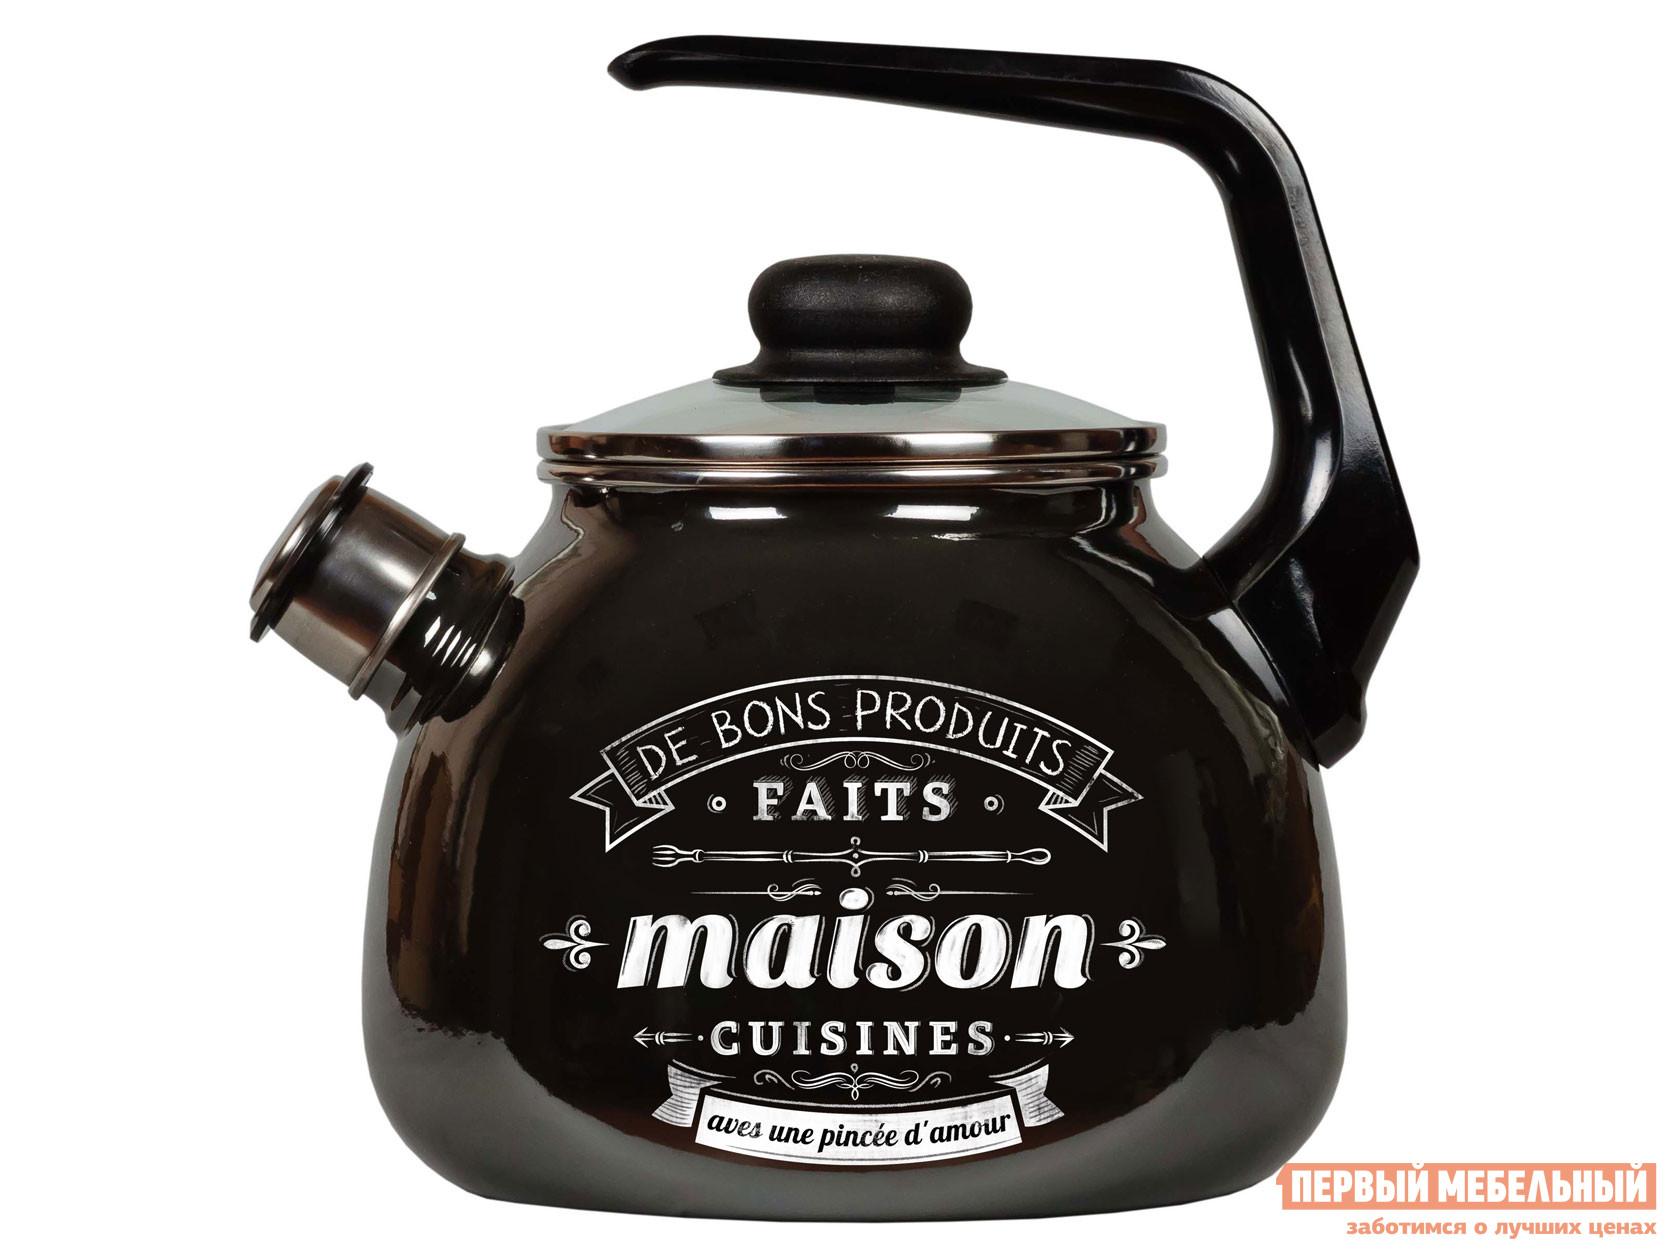 Чайник Первый Мебельный Чайник эмал 3,0л со свистком Maison ТМ Appetite